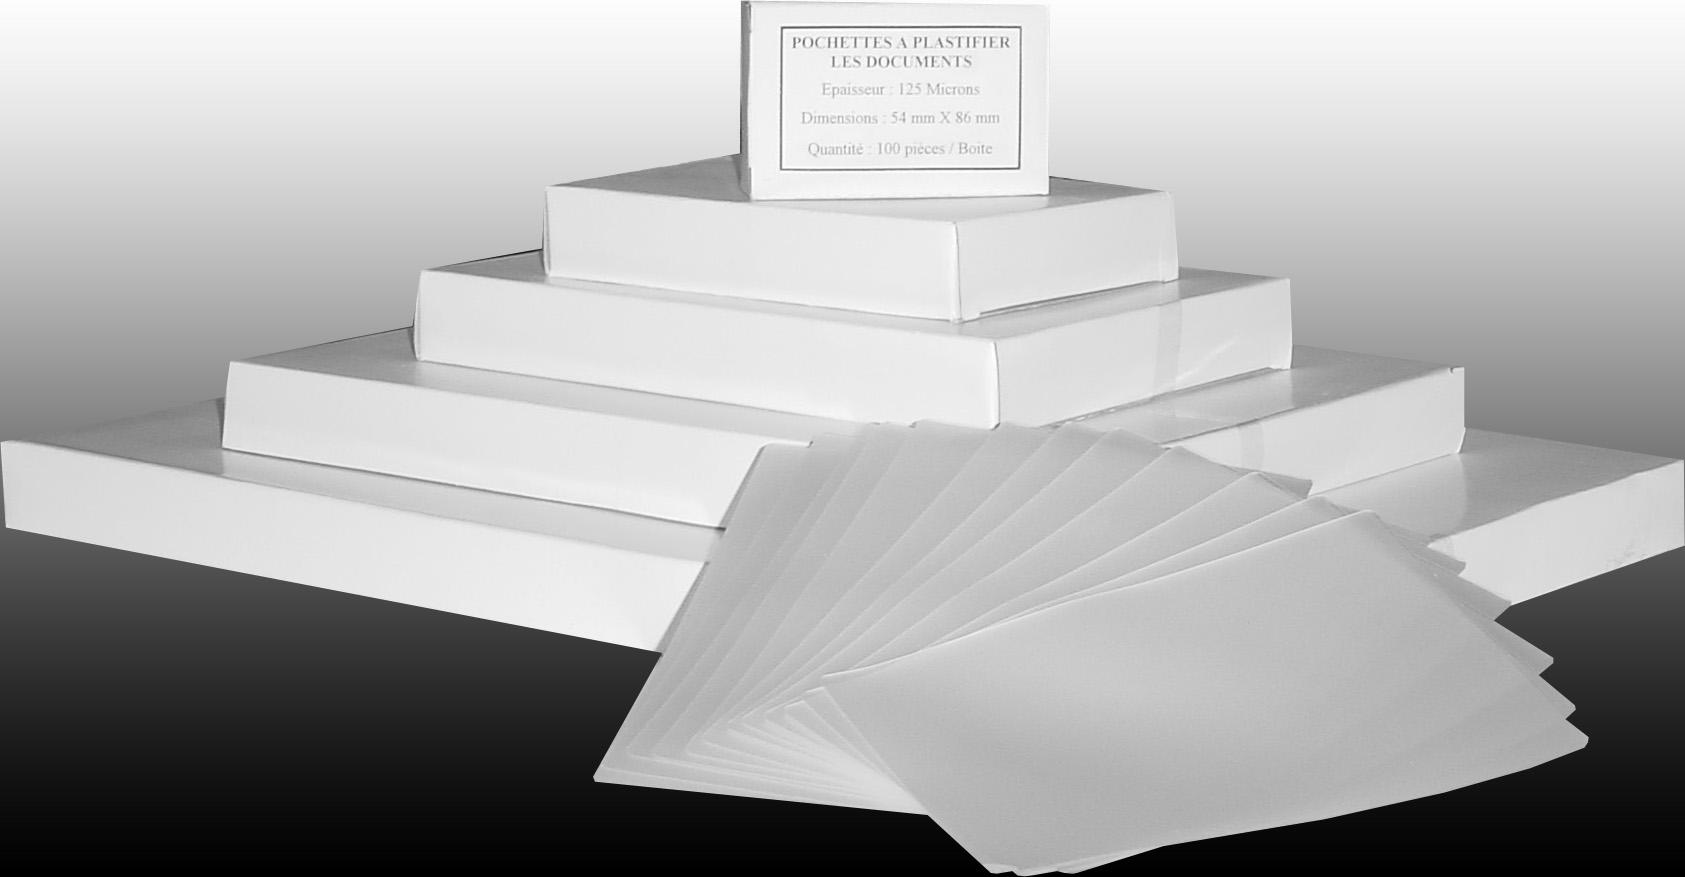 Societe FLOUX Pochettes A Plastifier Les Documents